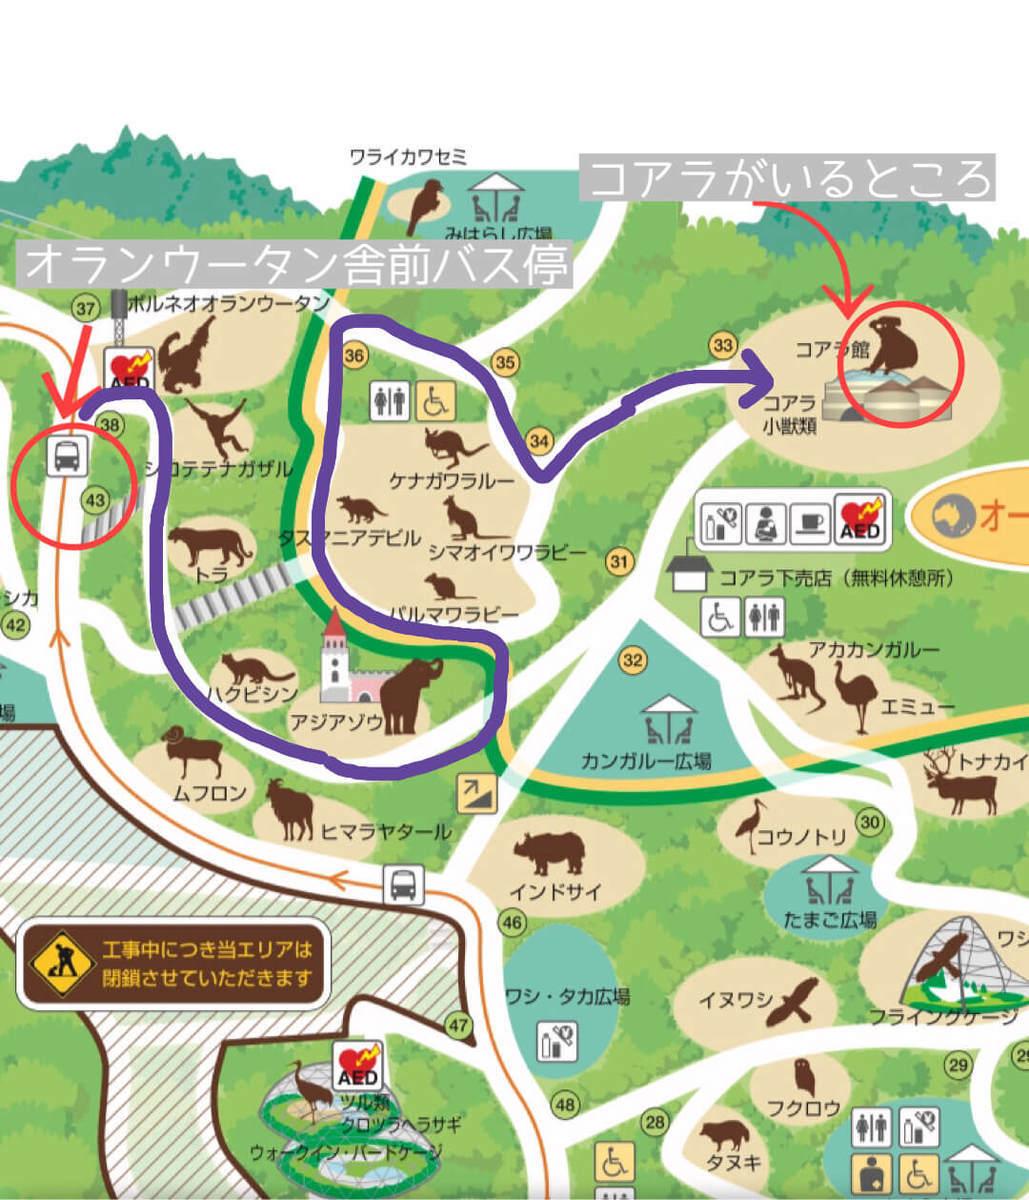 多摩動物公園の子連れでの回り方を詳しく説明した地図